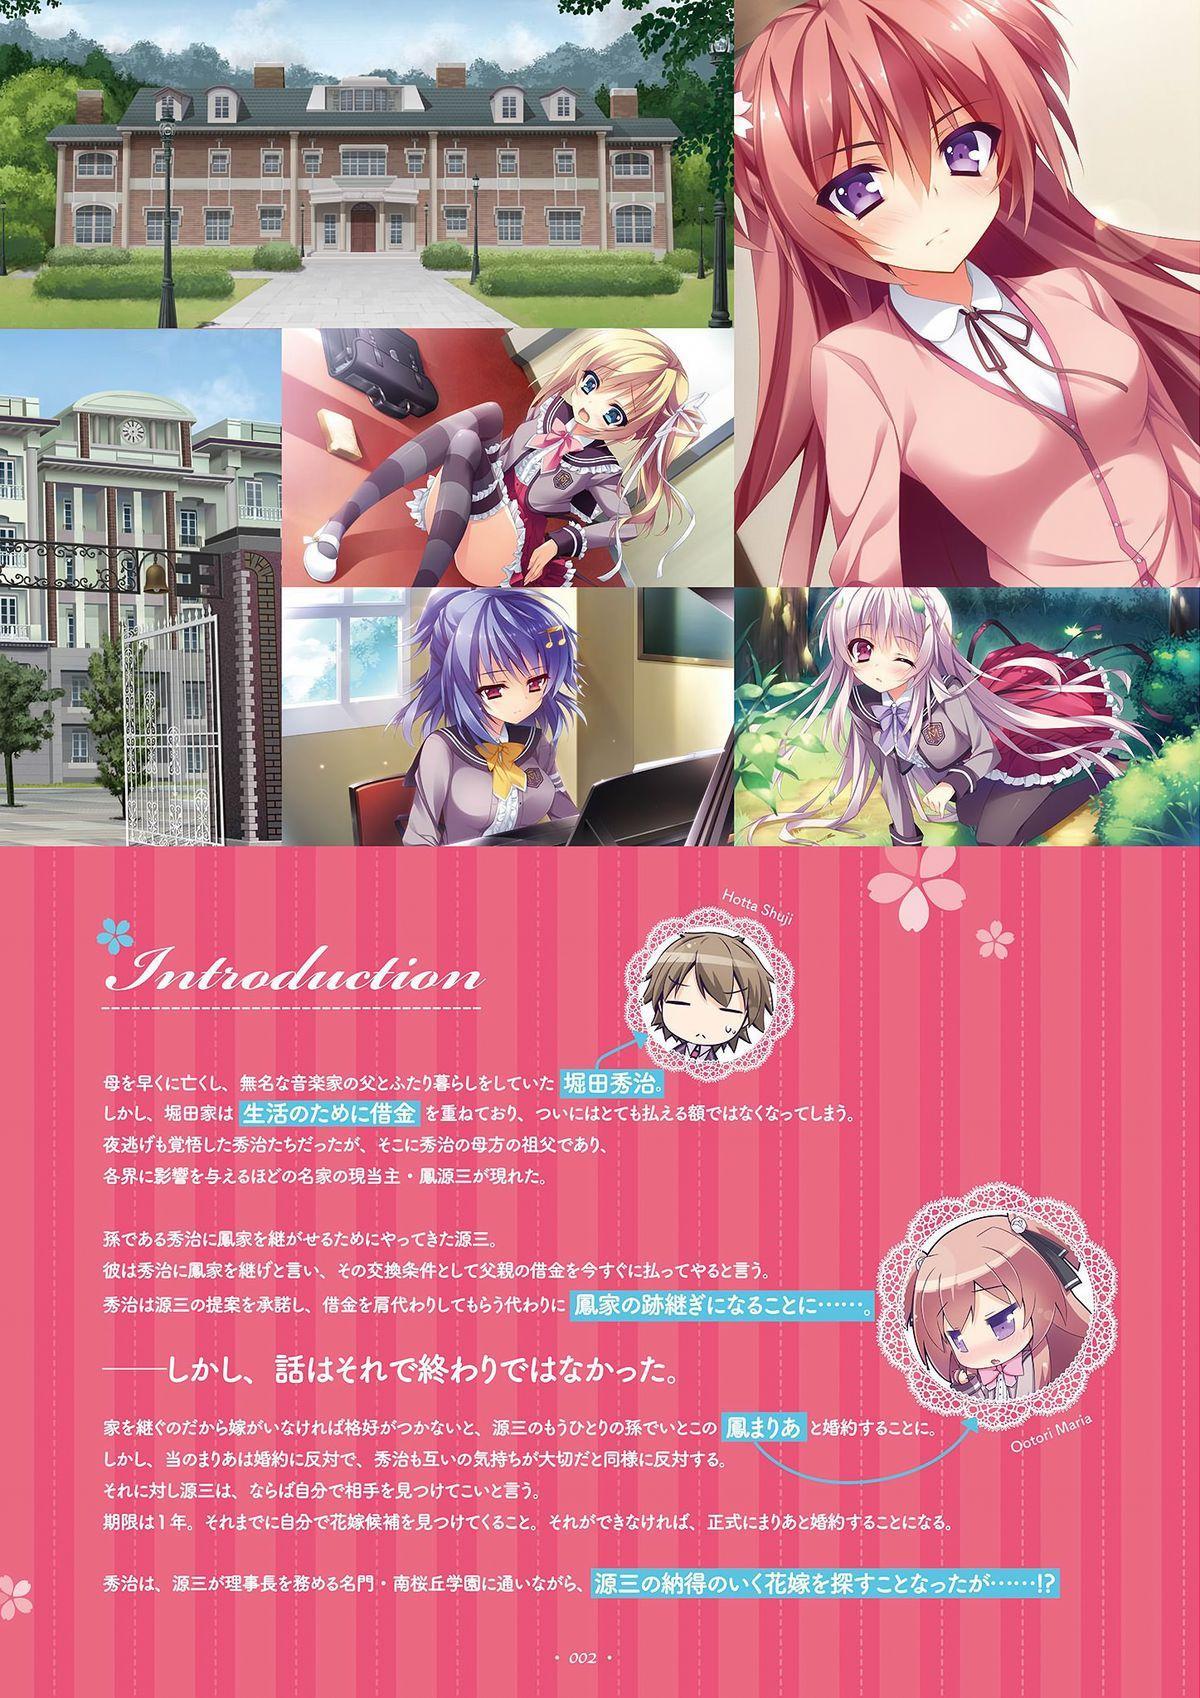 Shukufuku no Kane no Oto wa, Sakura-iro no Kaze to Tomo ni Visual Fanbook 3